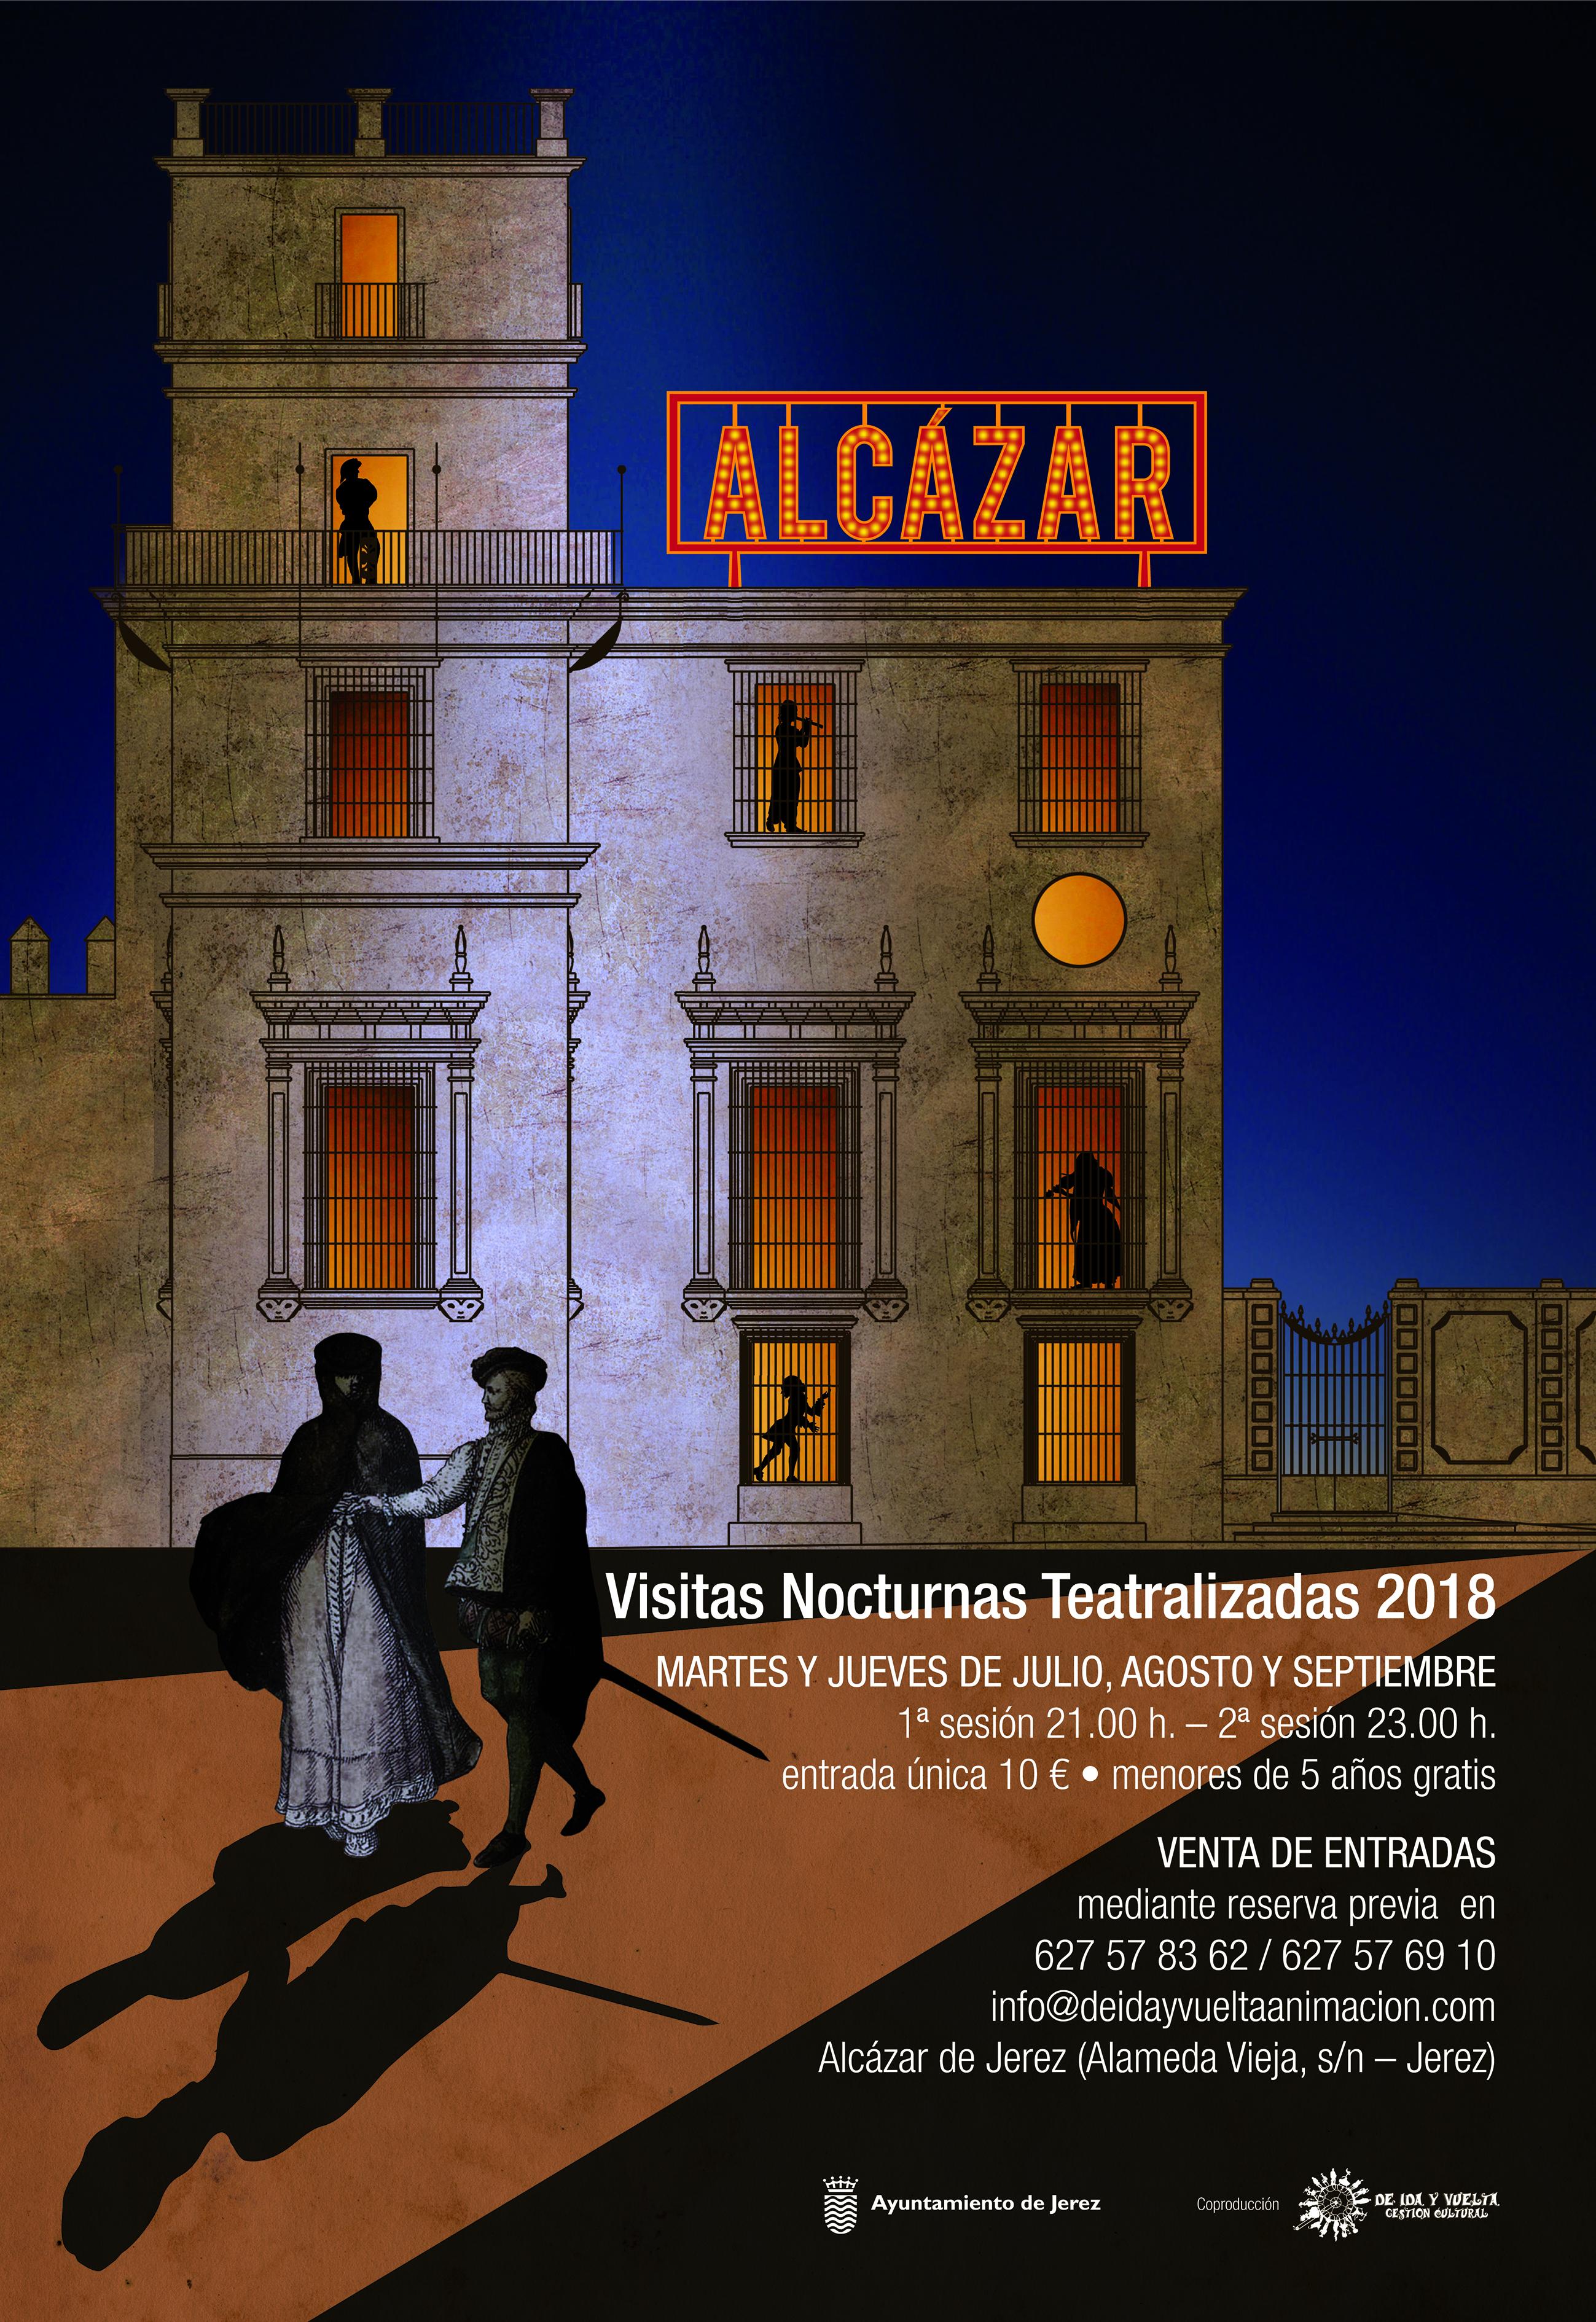 23 Agosto En Todos Andalucía Eventos De El Giraldillo Del Los 7YgvbfyI6